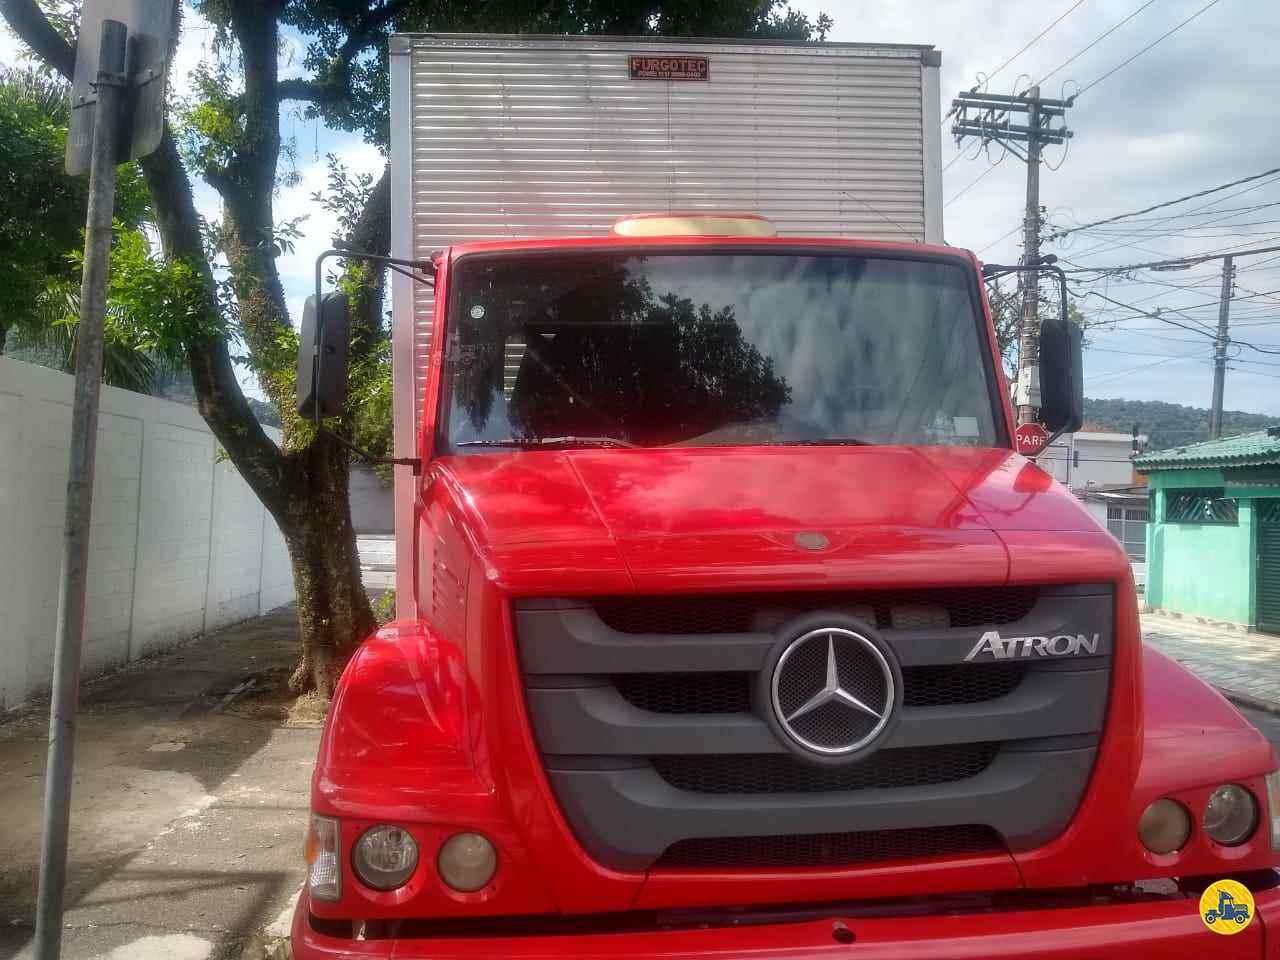 CAMINHAO MERCEDES-BENZ MB 2324 Baú Furgão Truck 6x2 Wilson Caminhões RIBEIRAO PIRES SÃO PAULO SP